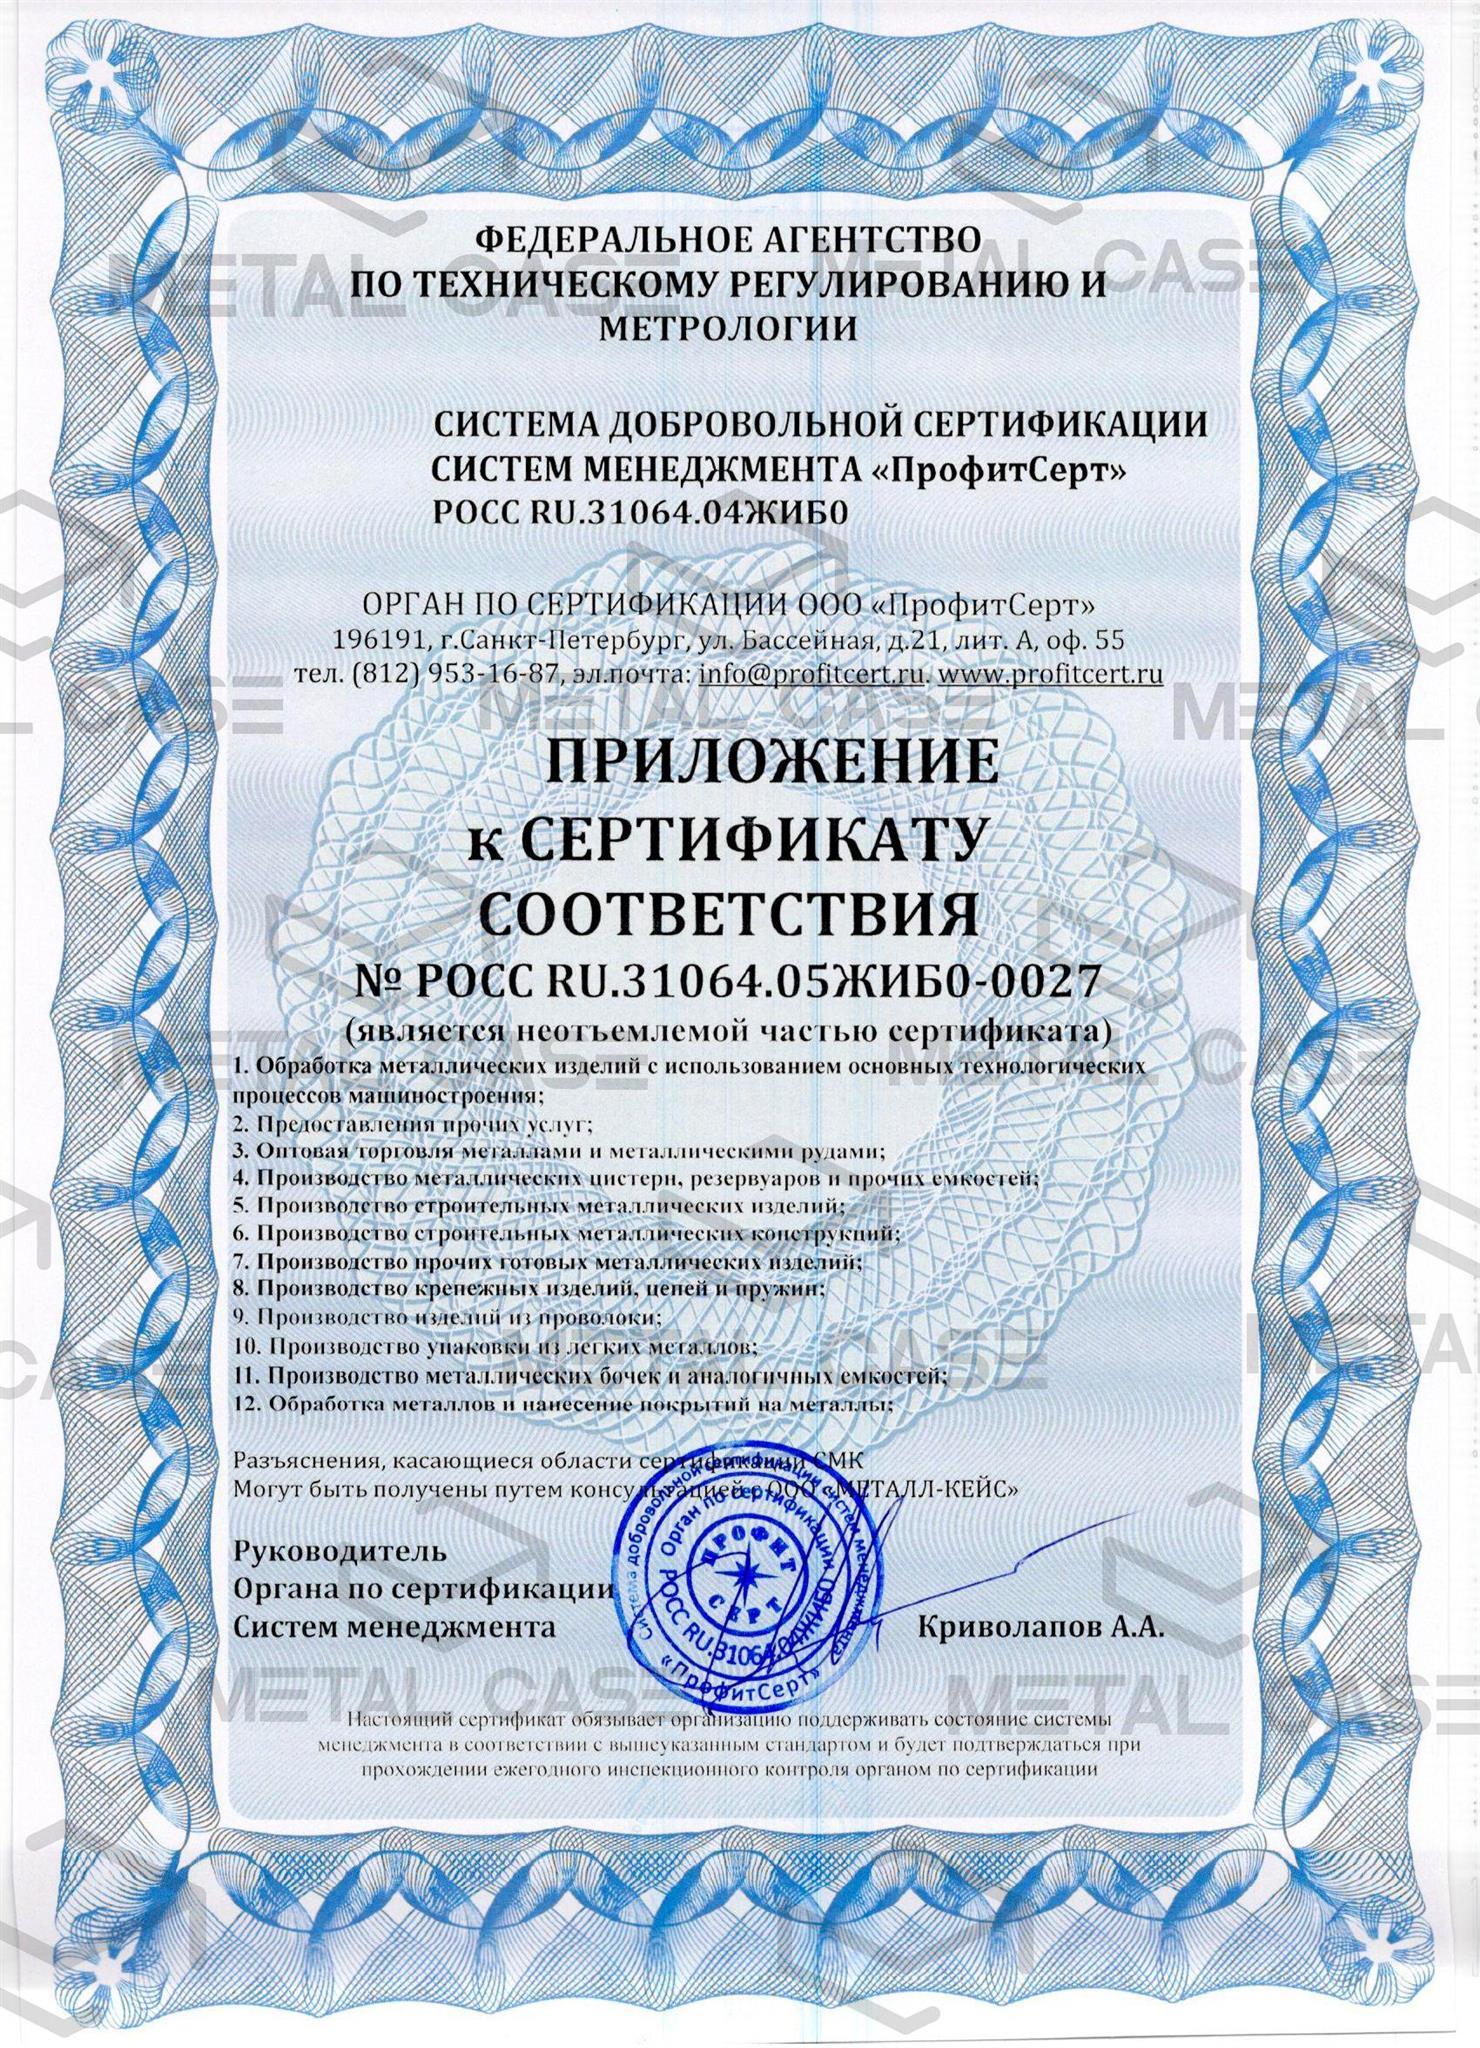 """Приложение к сертификату ИСО 9001 компании """"Металл-Кейс"""""""